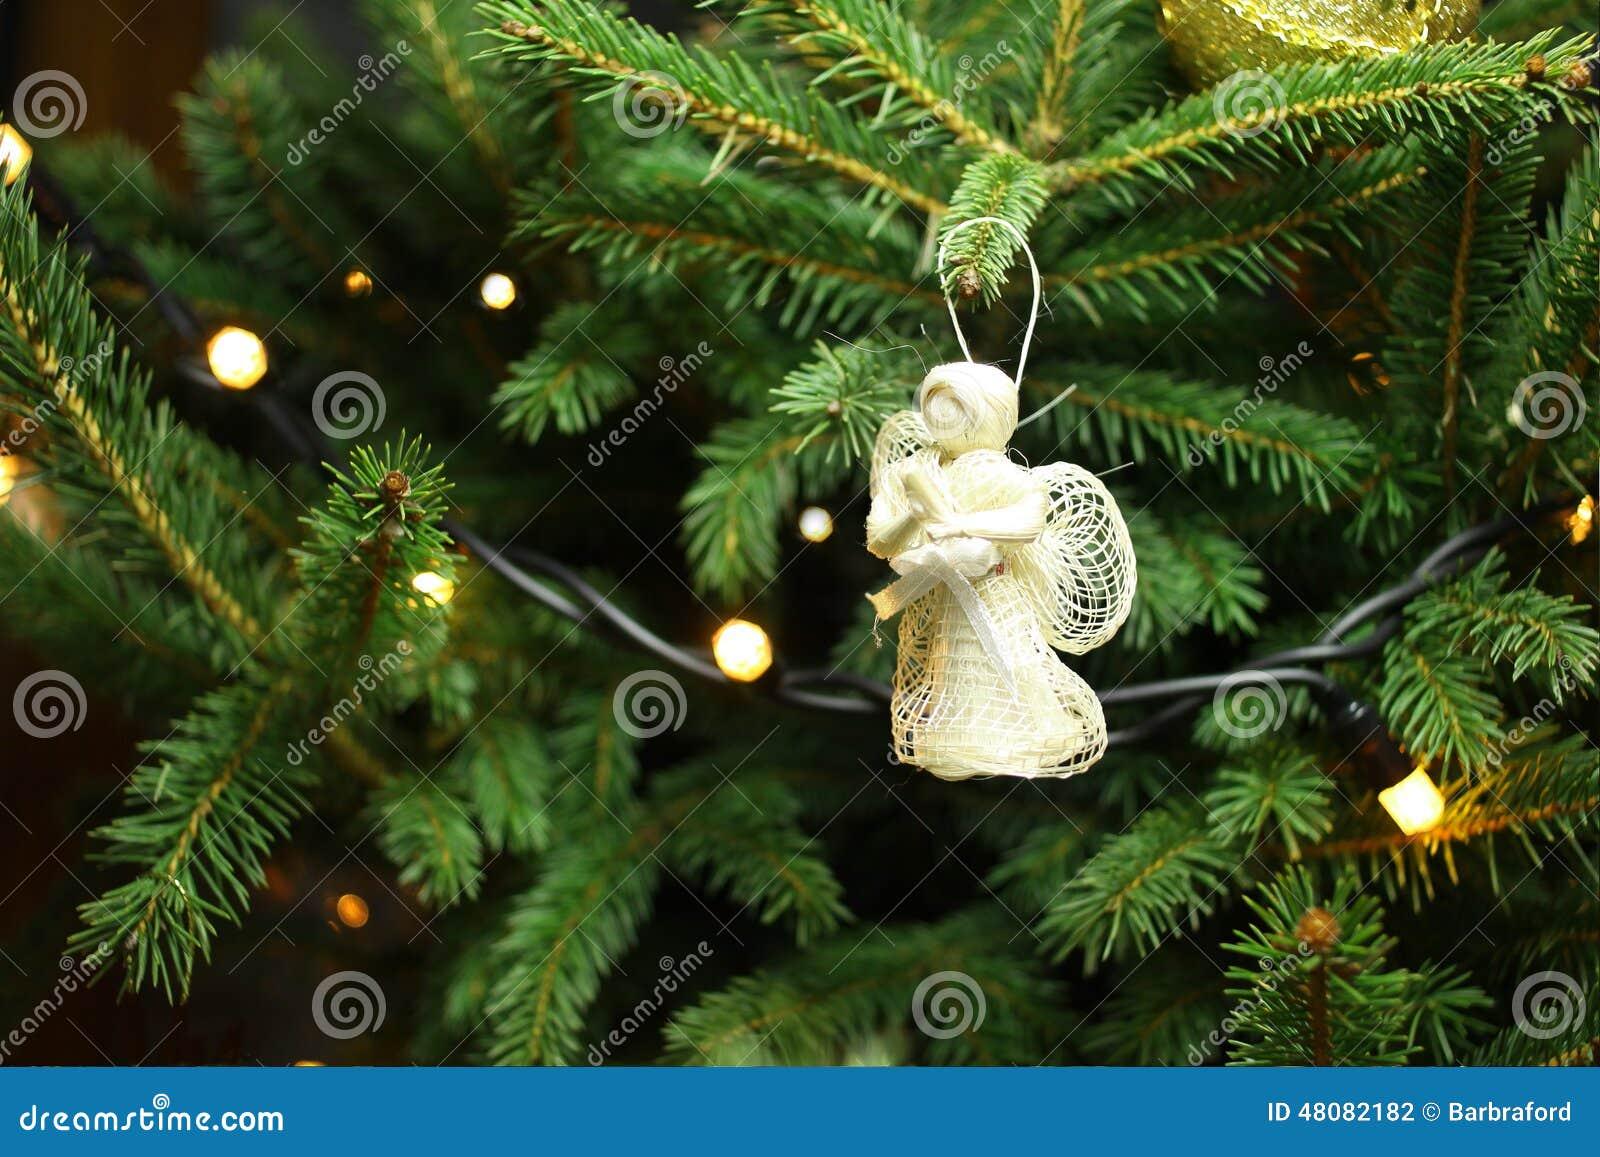 Weihnachtsbaum Ast.Weihnachtsengel Auf Weihnachtsbaumast Stockfoto Bild Von